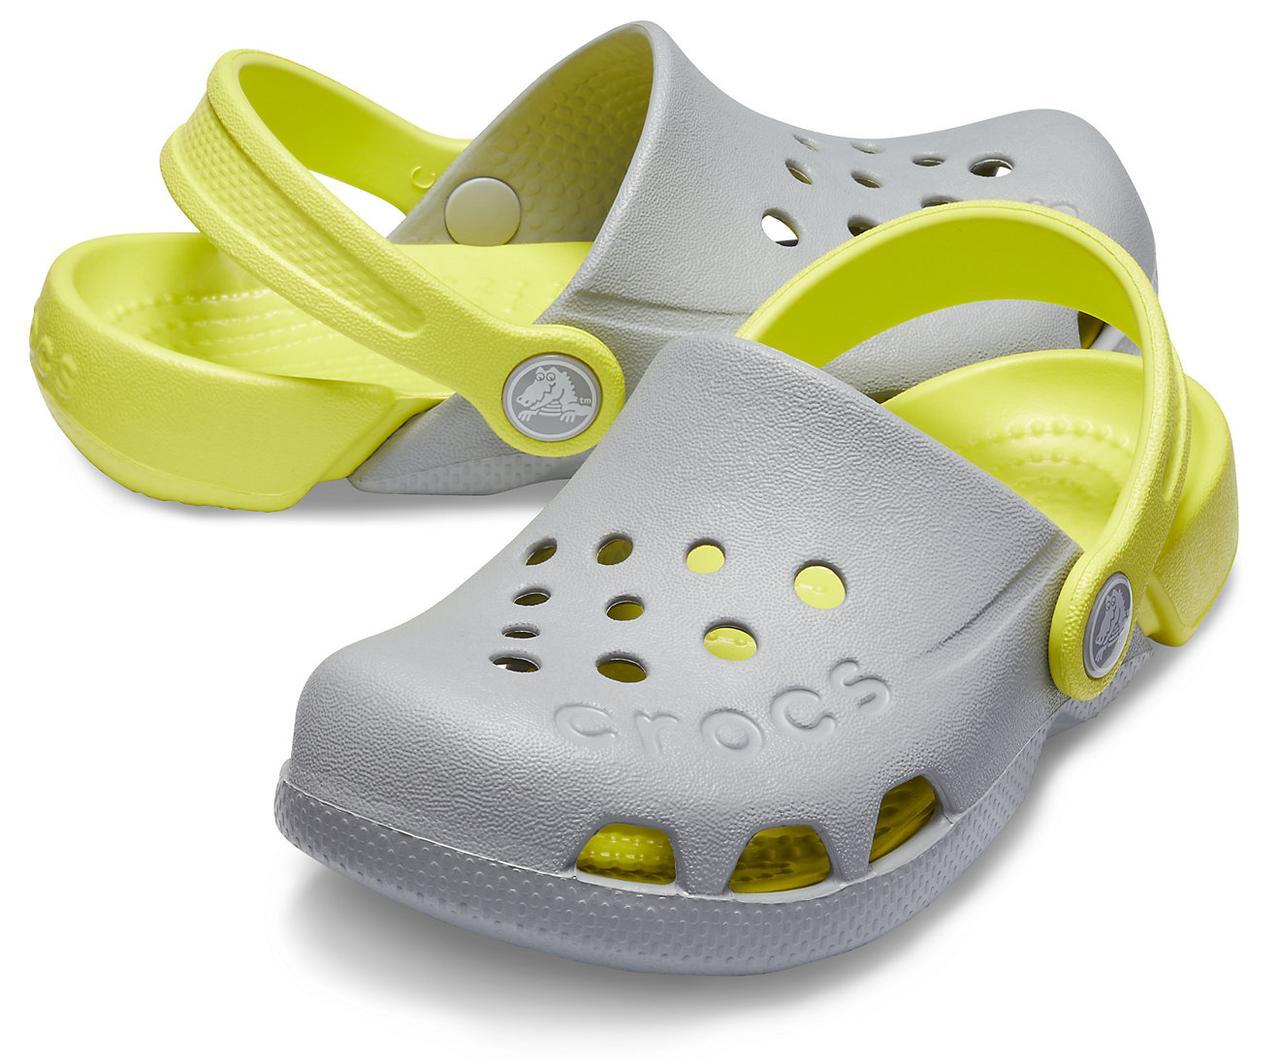 Кроксы детские Электро оригинал / Сабо Crocs Kids' Electro Clog